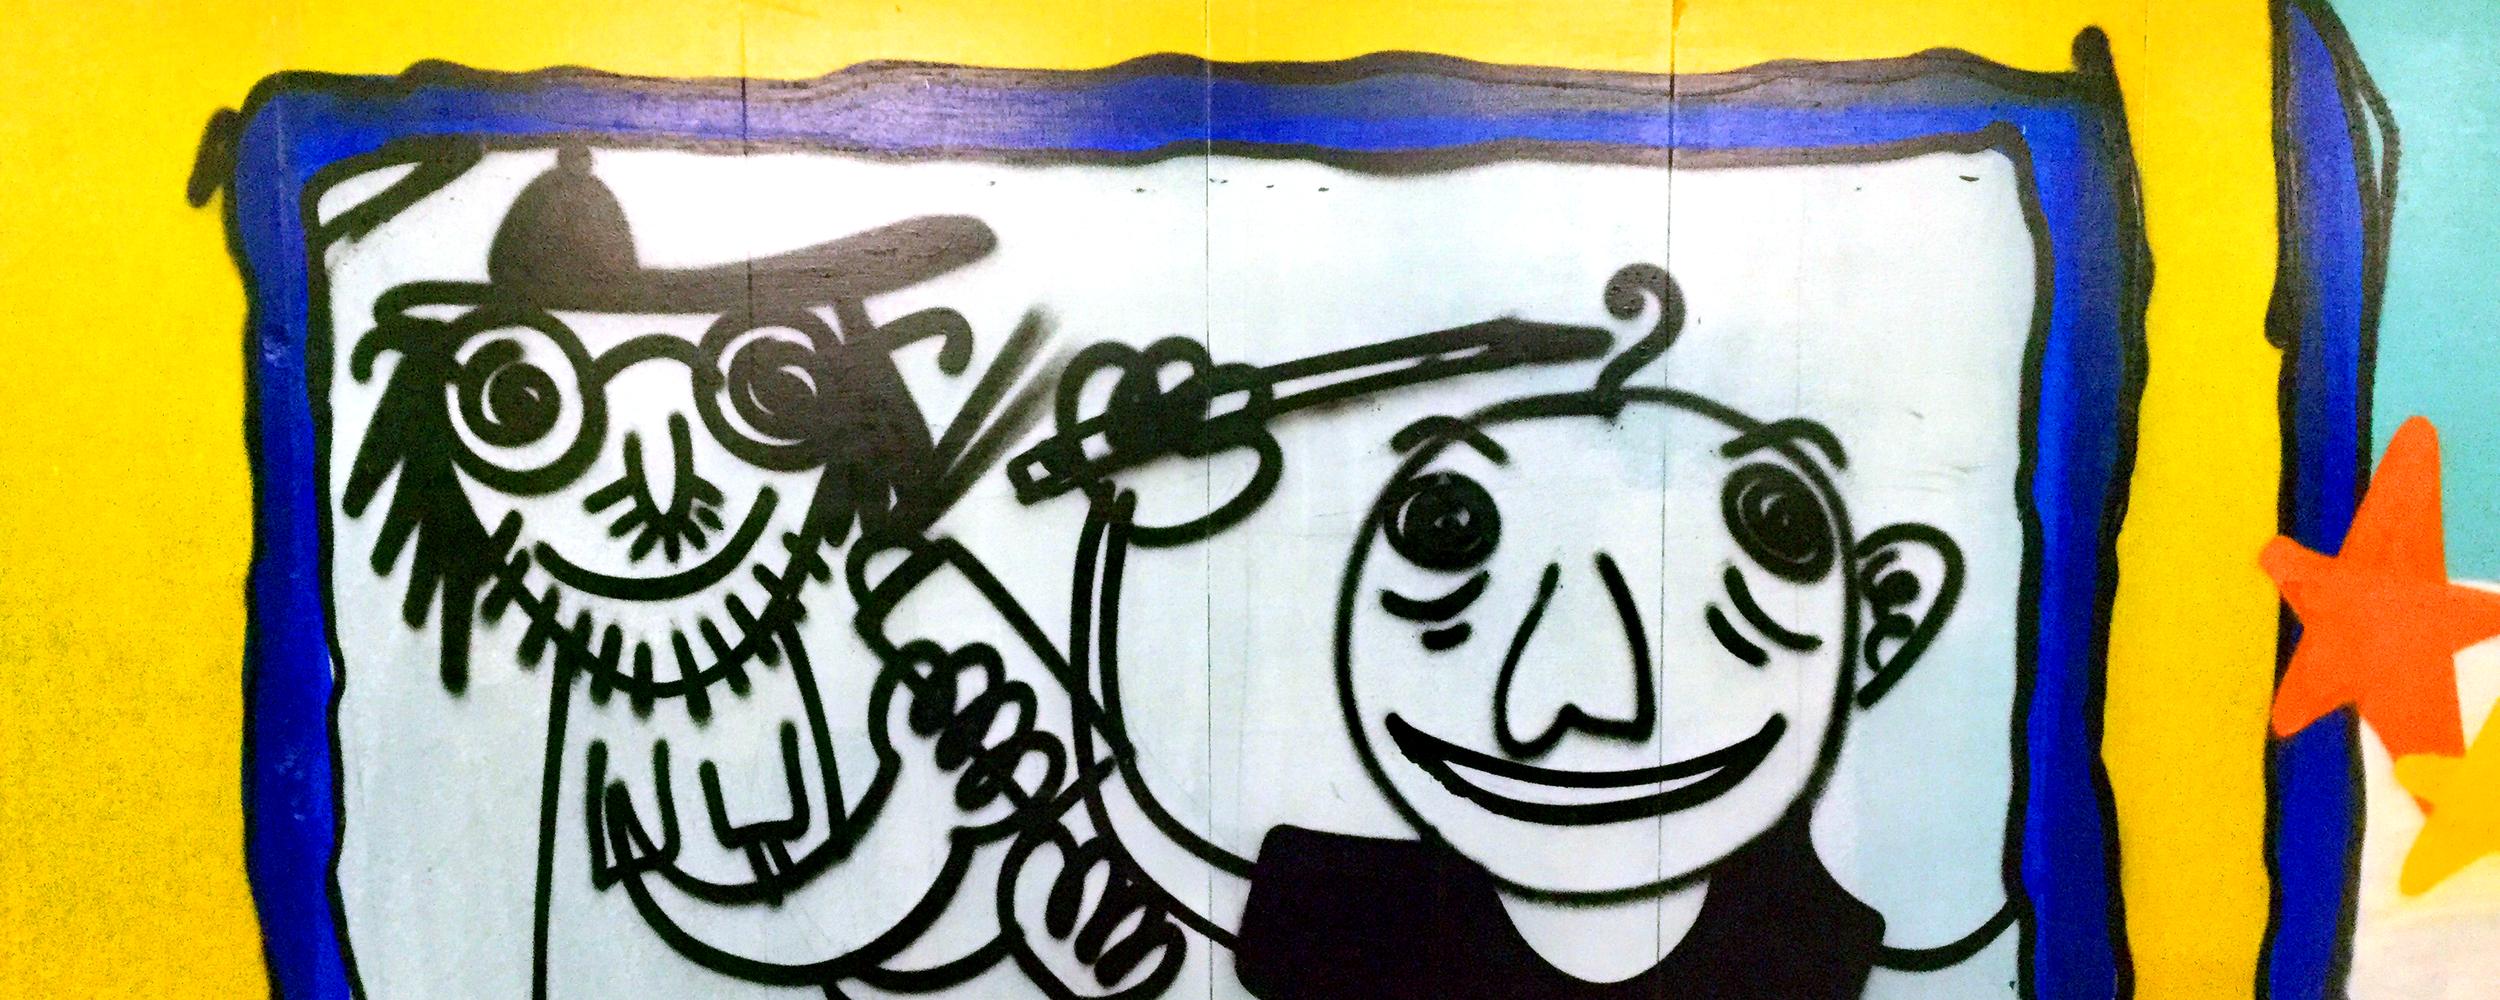 GraffitiCharactersbanner.png